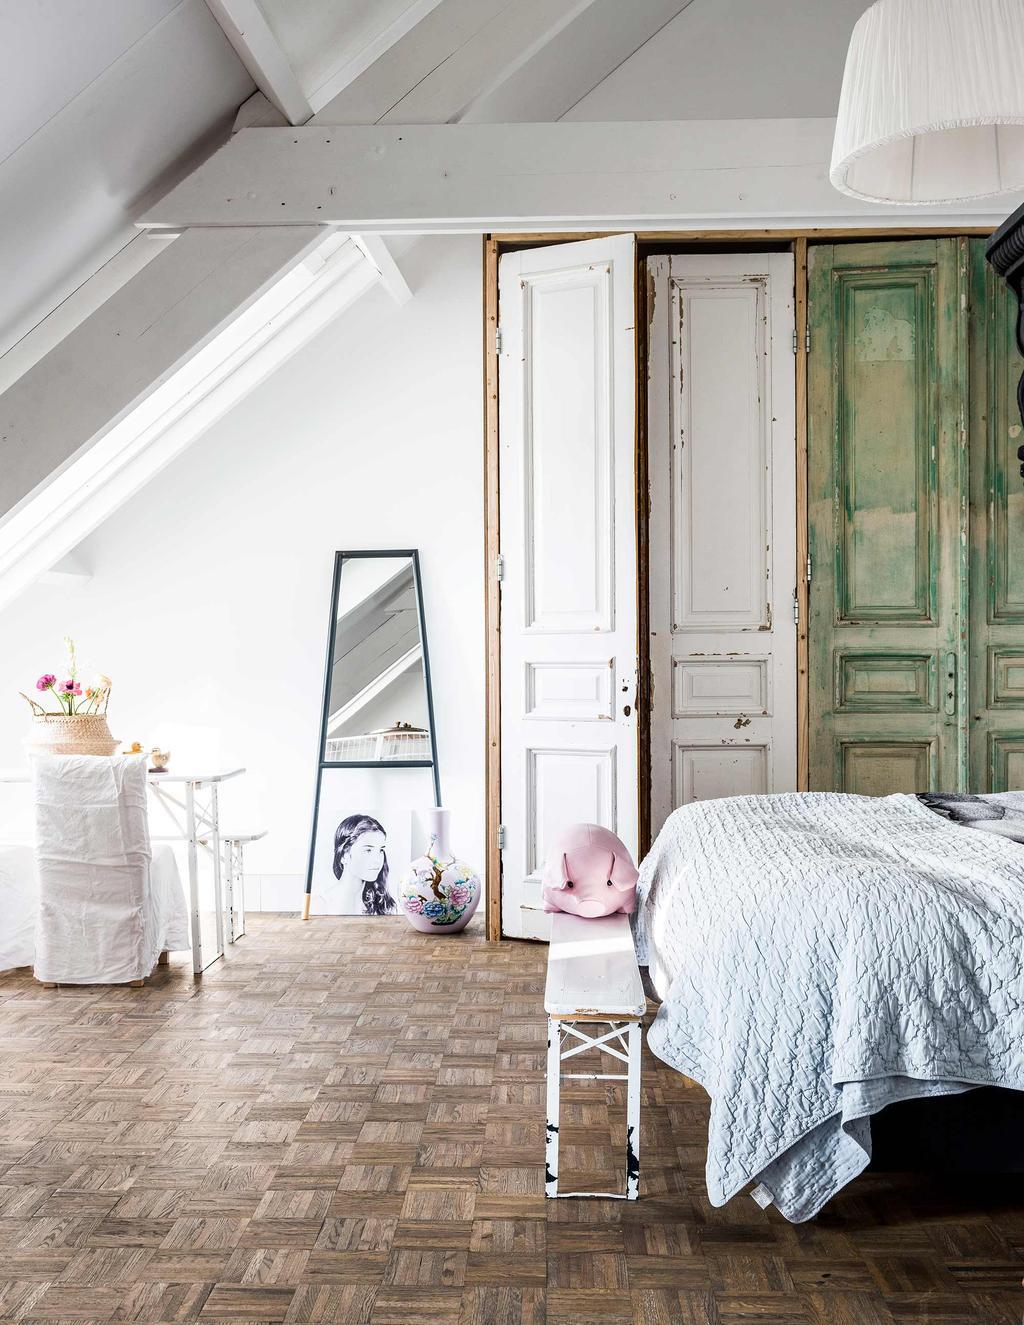 slaapkamer klassieke vloer vintage deuren